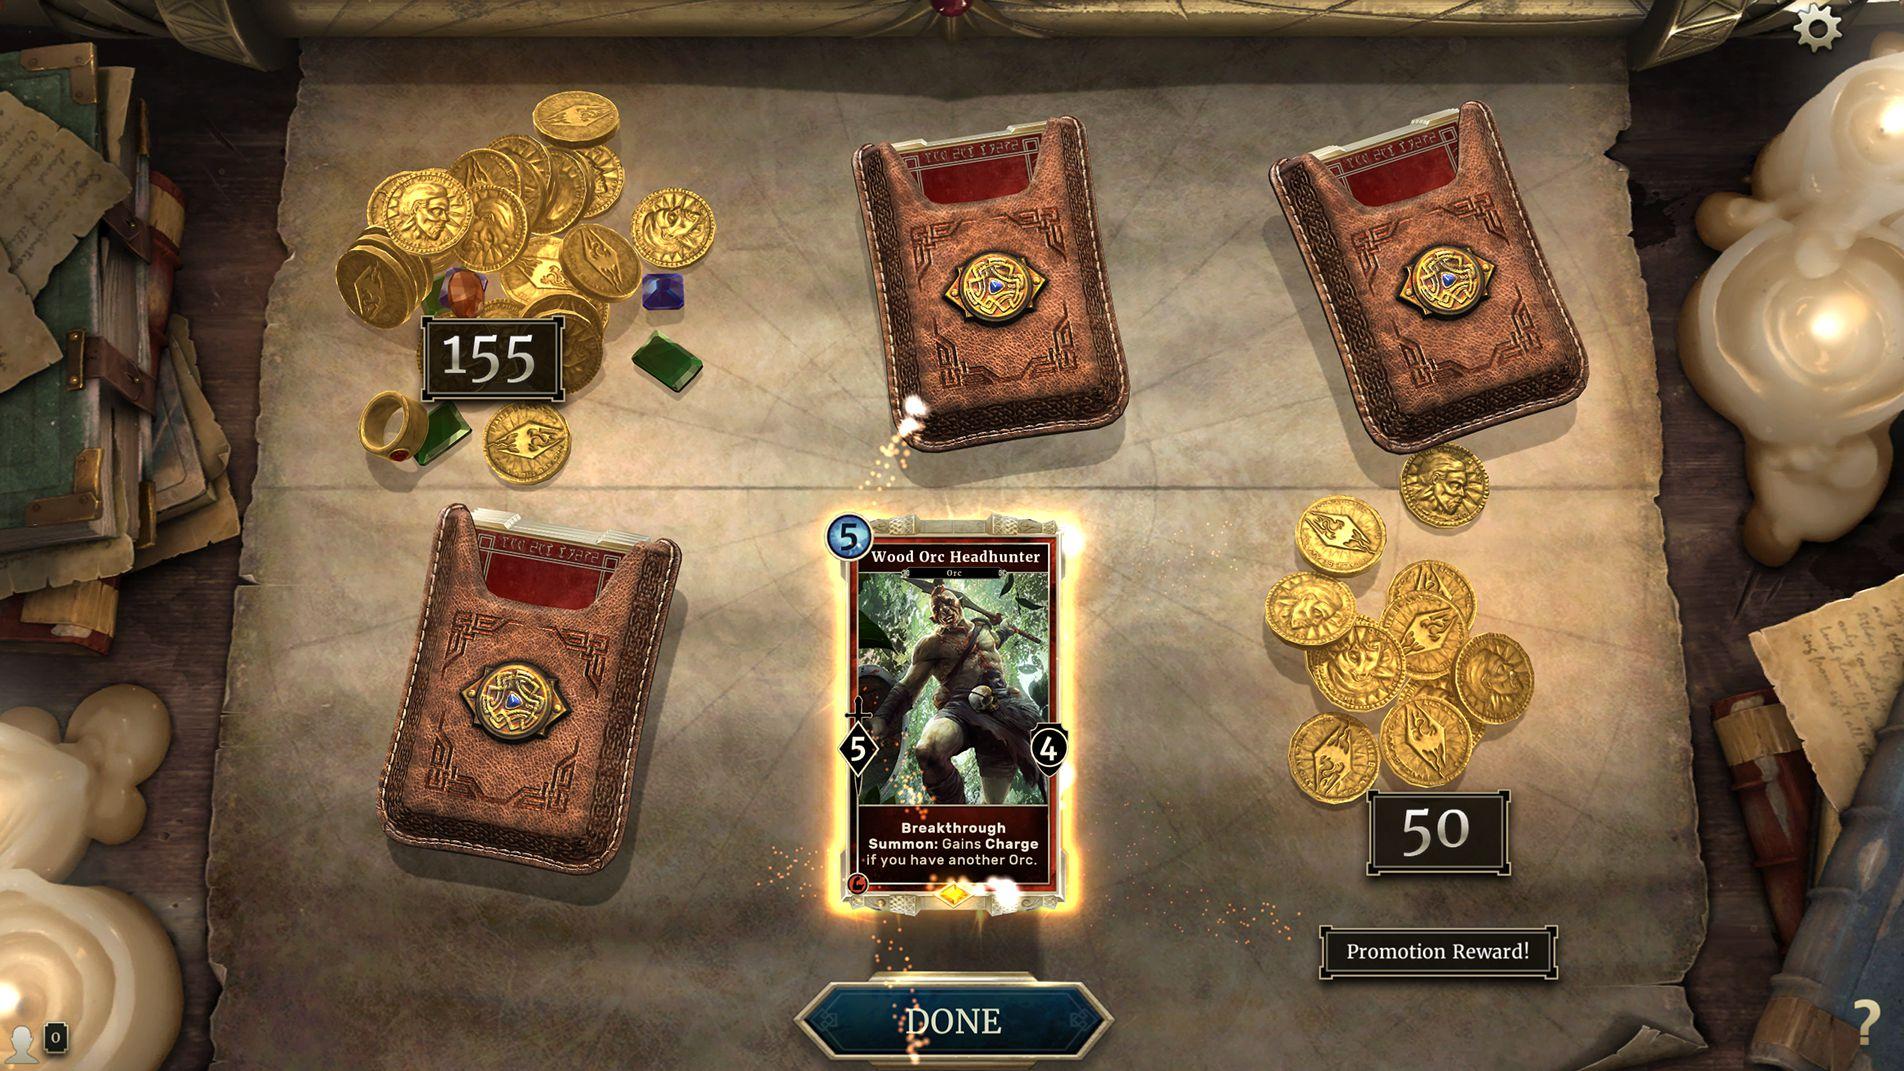 The Elder Scrolls: Legends - Solo & PvP Arena Rewards